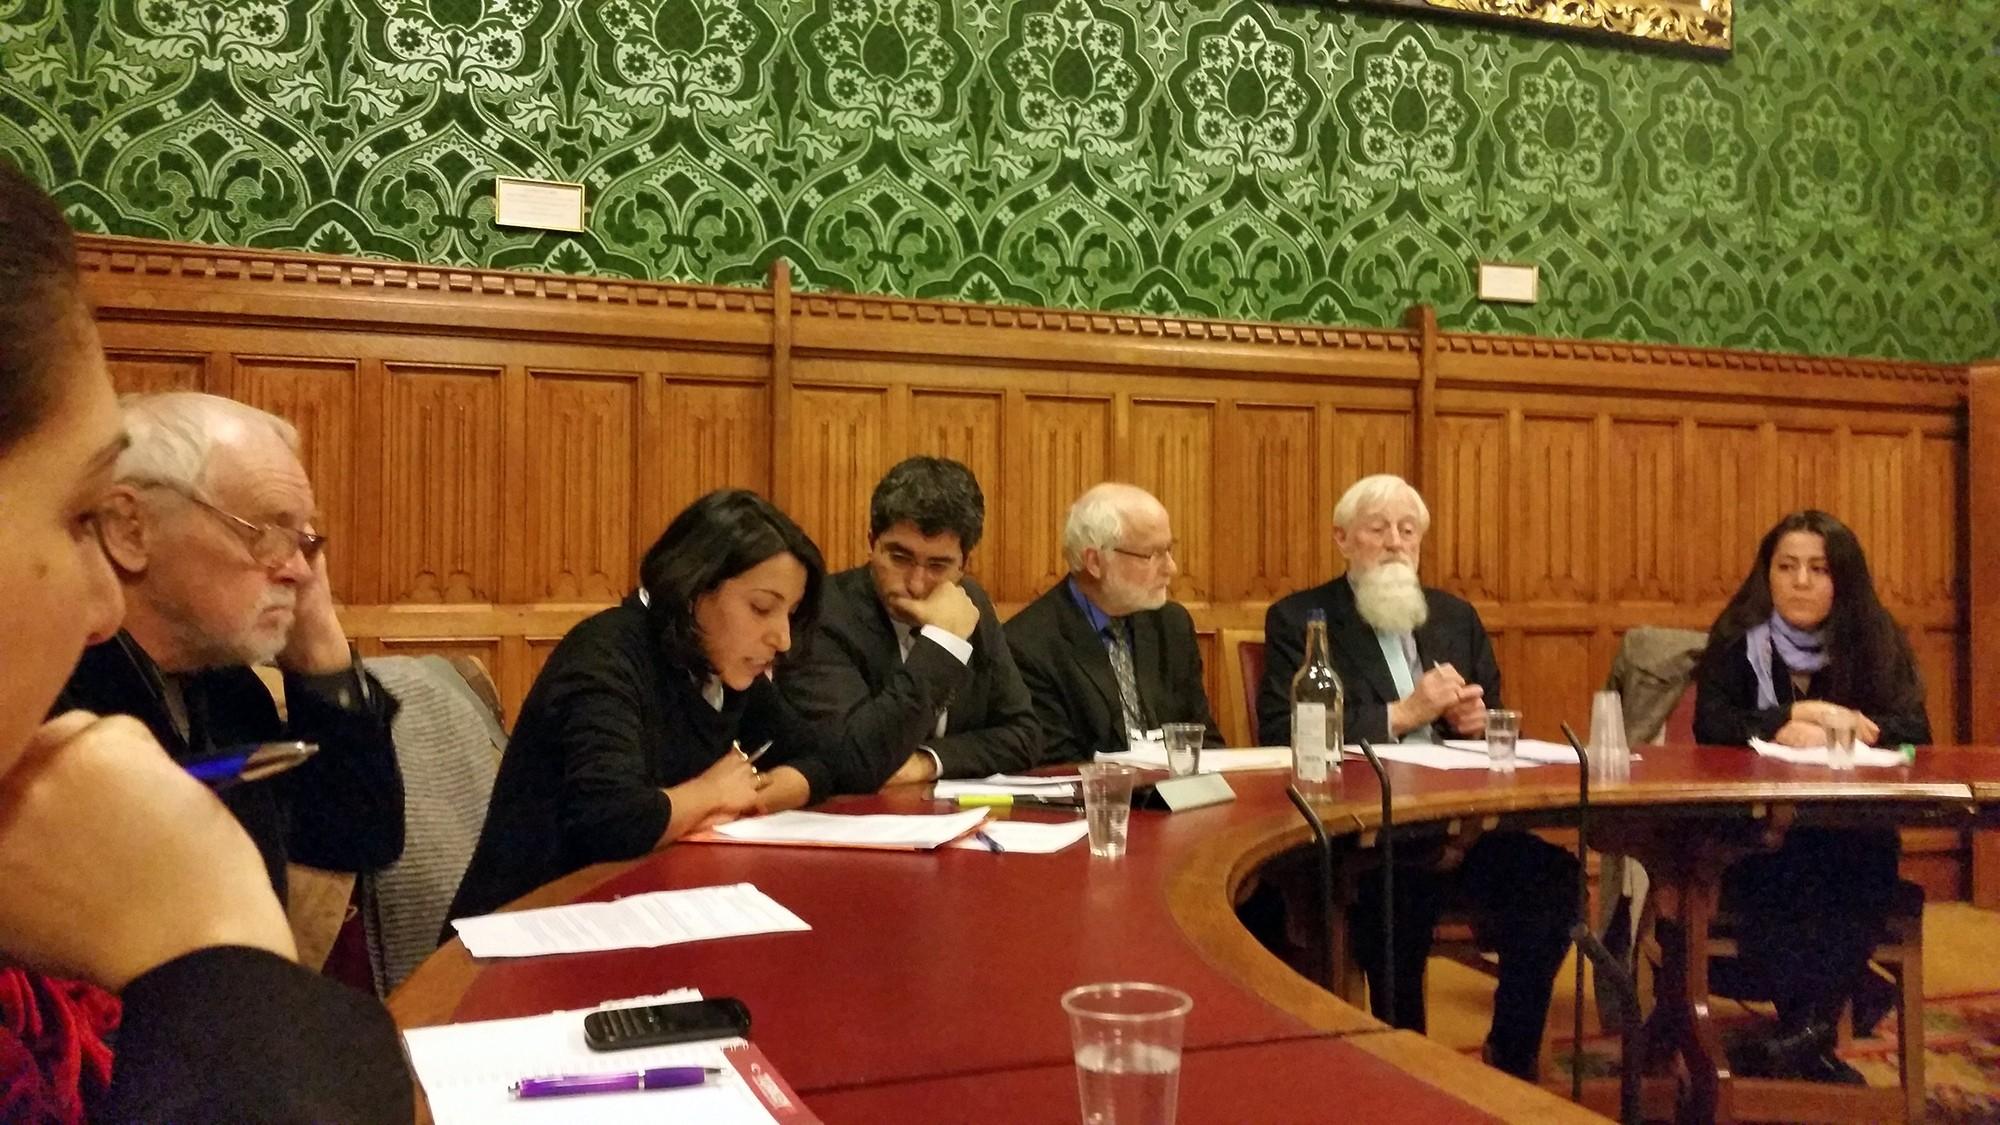 Parlamento'da Yeni Ortadoğu Ve Kürtler Tartışıldı